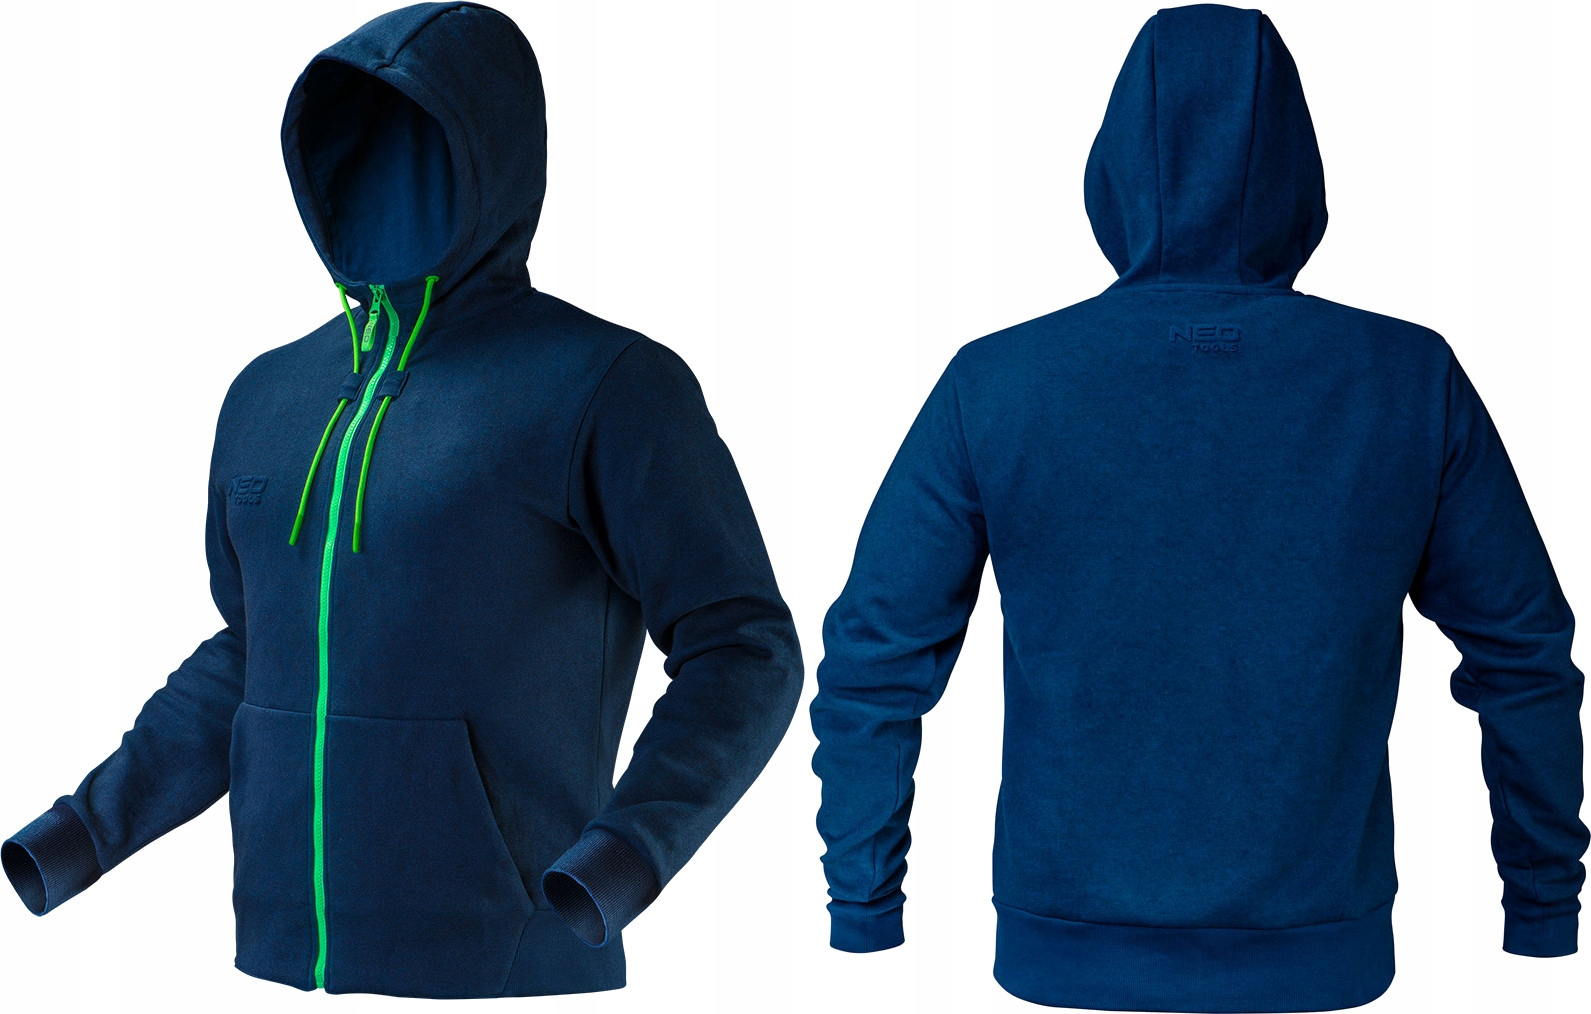 Bluza robocza POLAR dwuwarstwowa XL NEO 81-511-XL